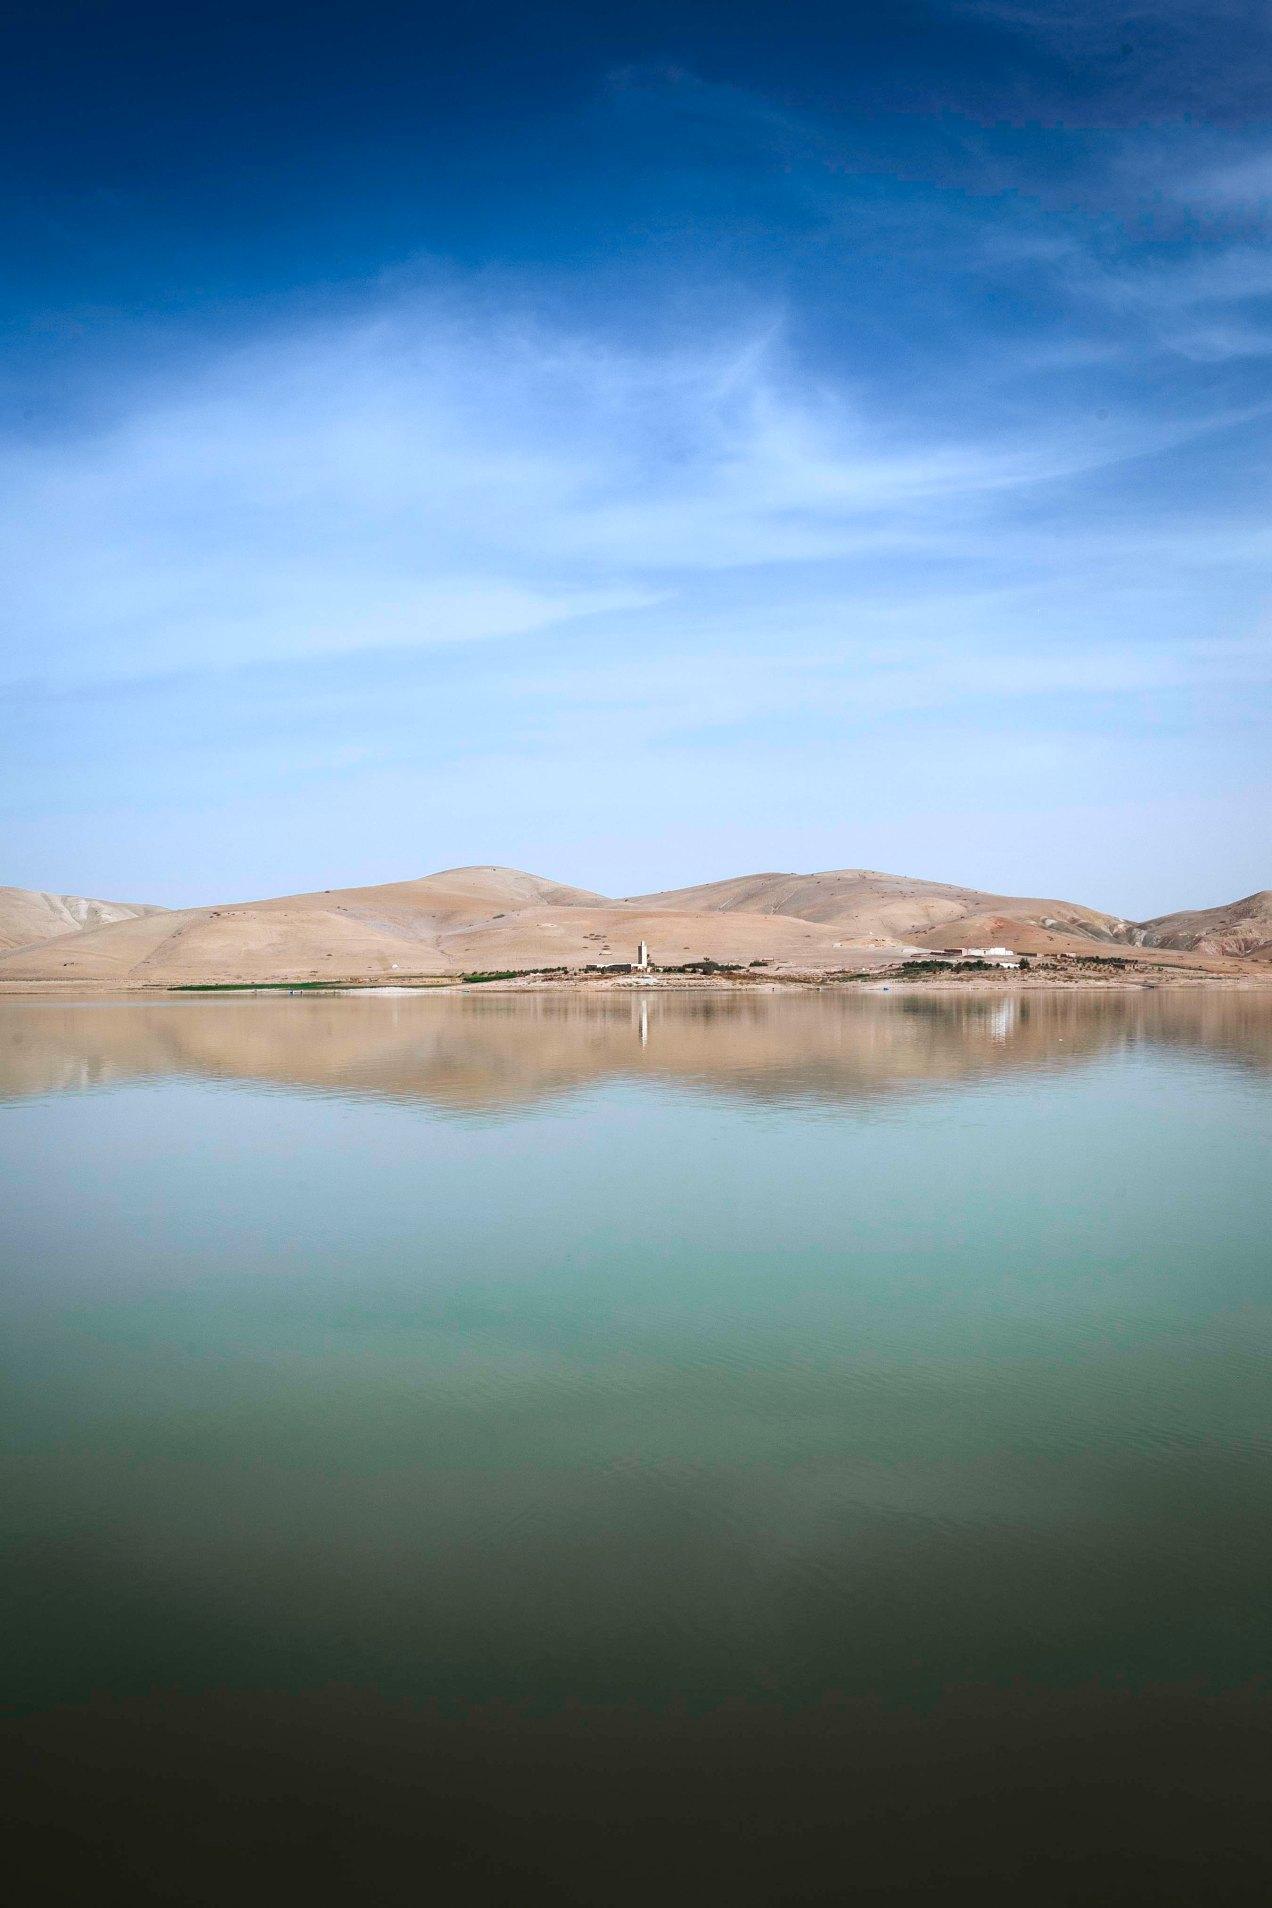 Lac, Fès, gildalliere, 2014